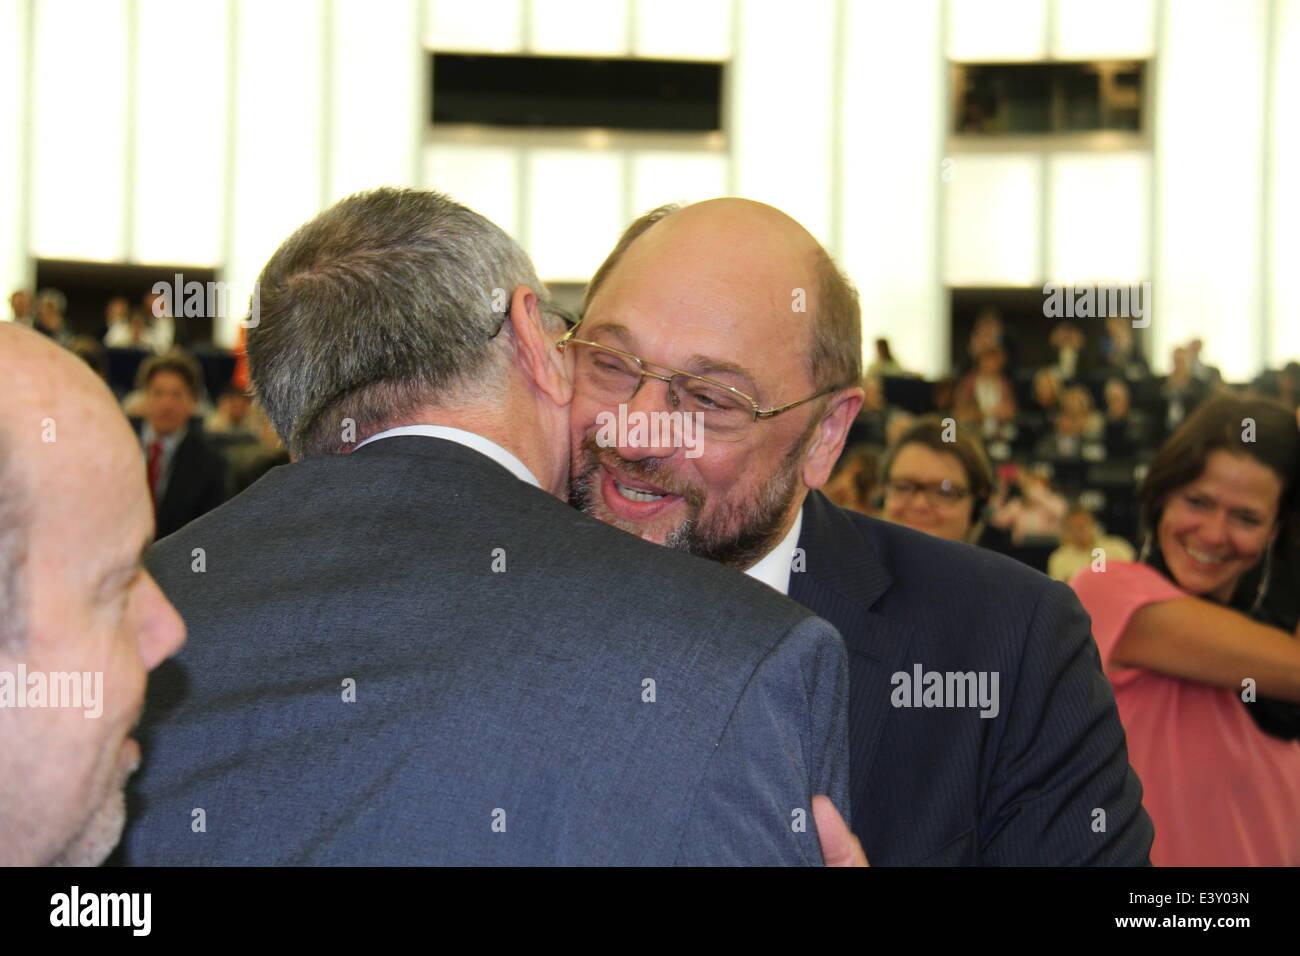 Straßburg, Frankreich. 1. Juli 2014. Martin Schulz ist nach dem Gewinn der Wahl des Präsidenten der Europäischen Stockbild